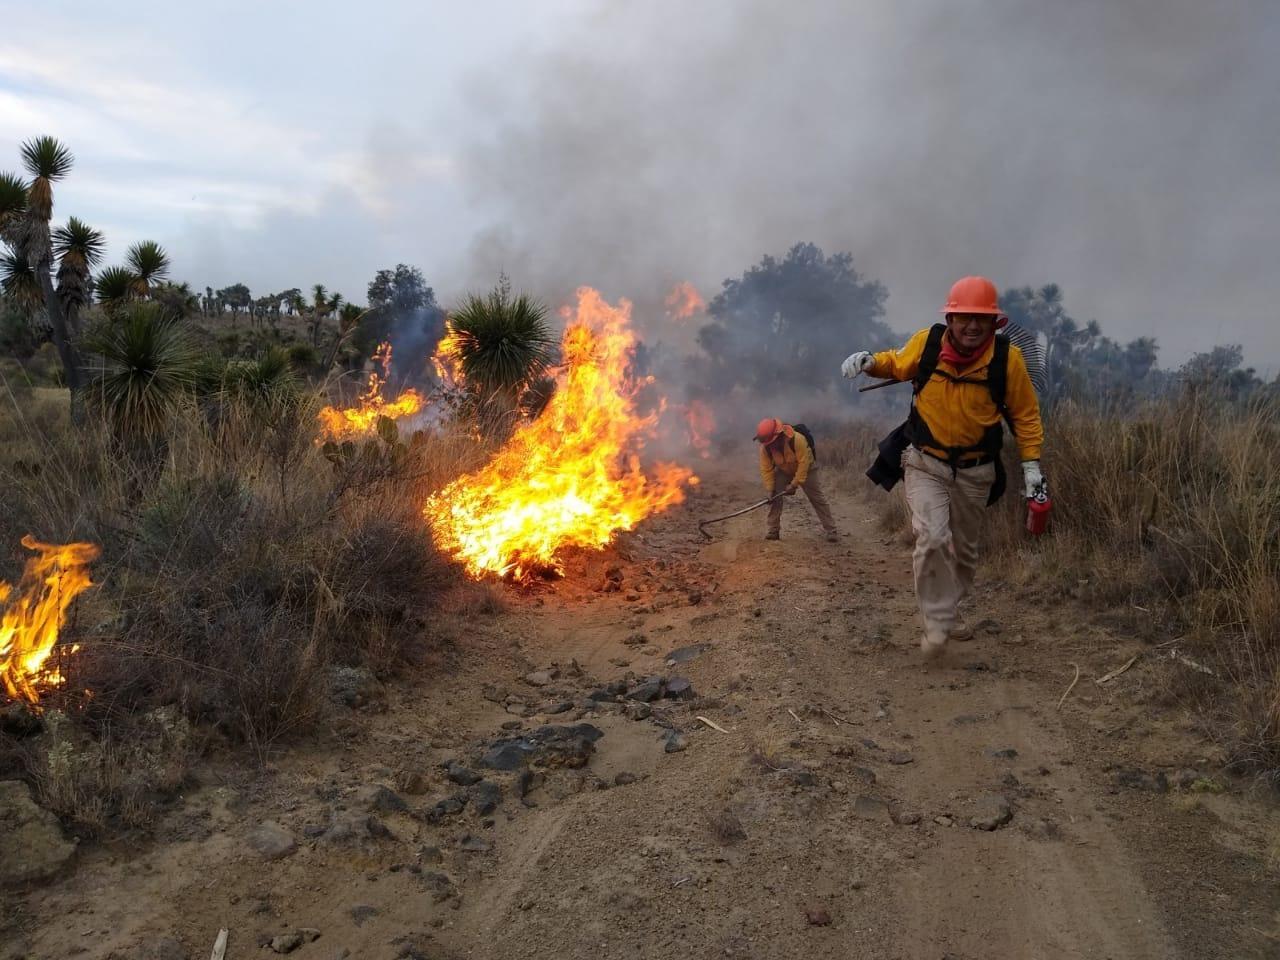 En lo que va de 2020, disminuyeron 60% los daños provocados por incendios forestales: Sedema